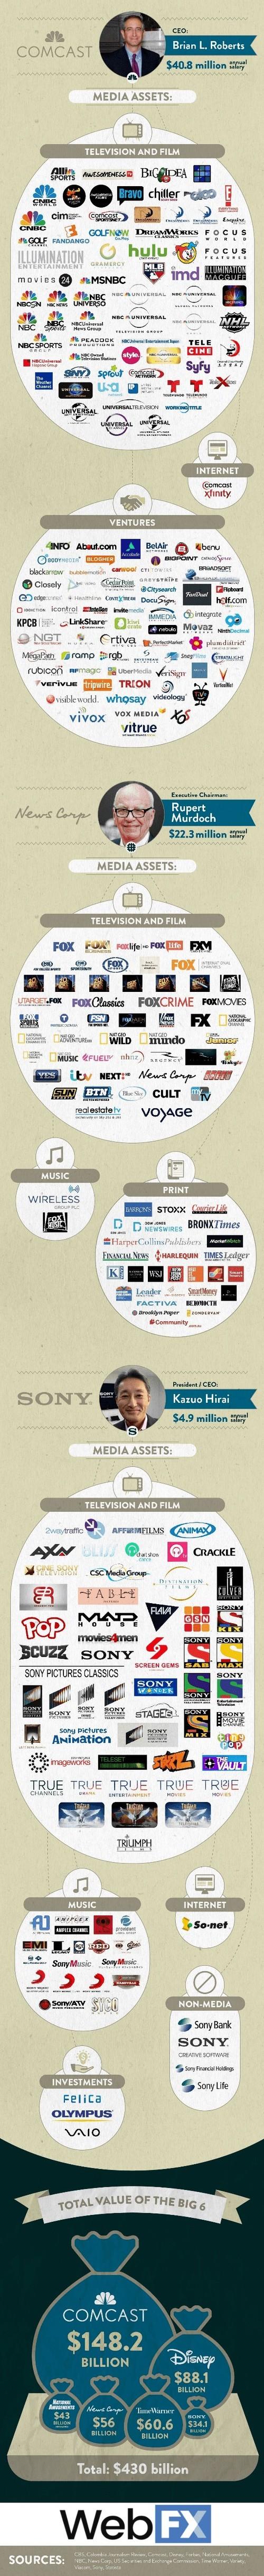 Οι 6 εταιρείες που κατέχουν